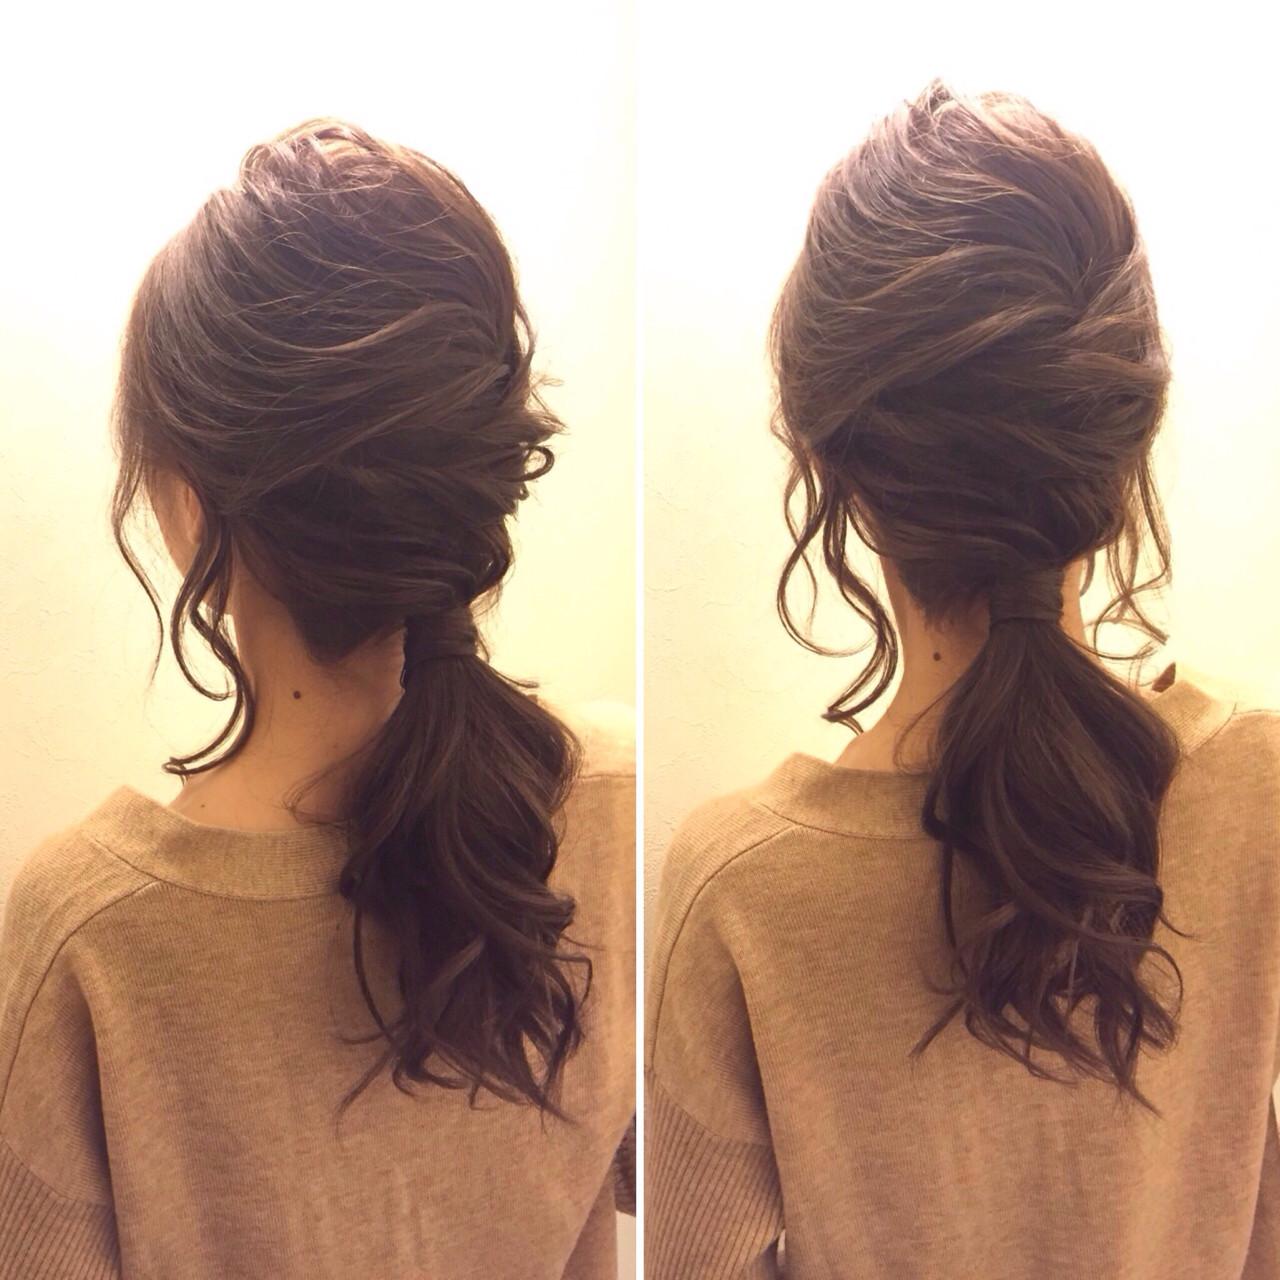 愛され モテ髪 ハーフアップ ポニーテール ヘアスタイルや髪型の写真・画像 | 桑村亮太/CALIF hair store / 函館/CALIF hair store/キャリフ ヘアストア